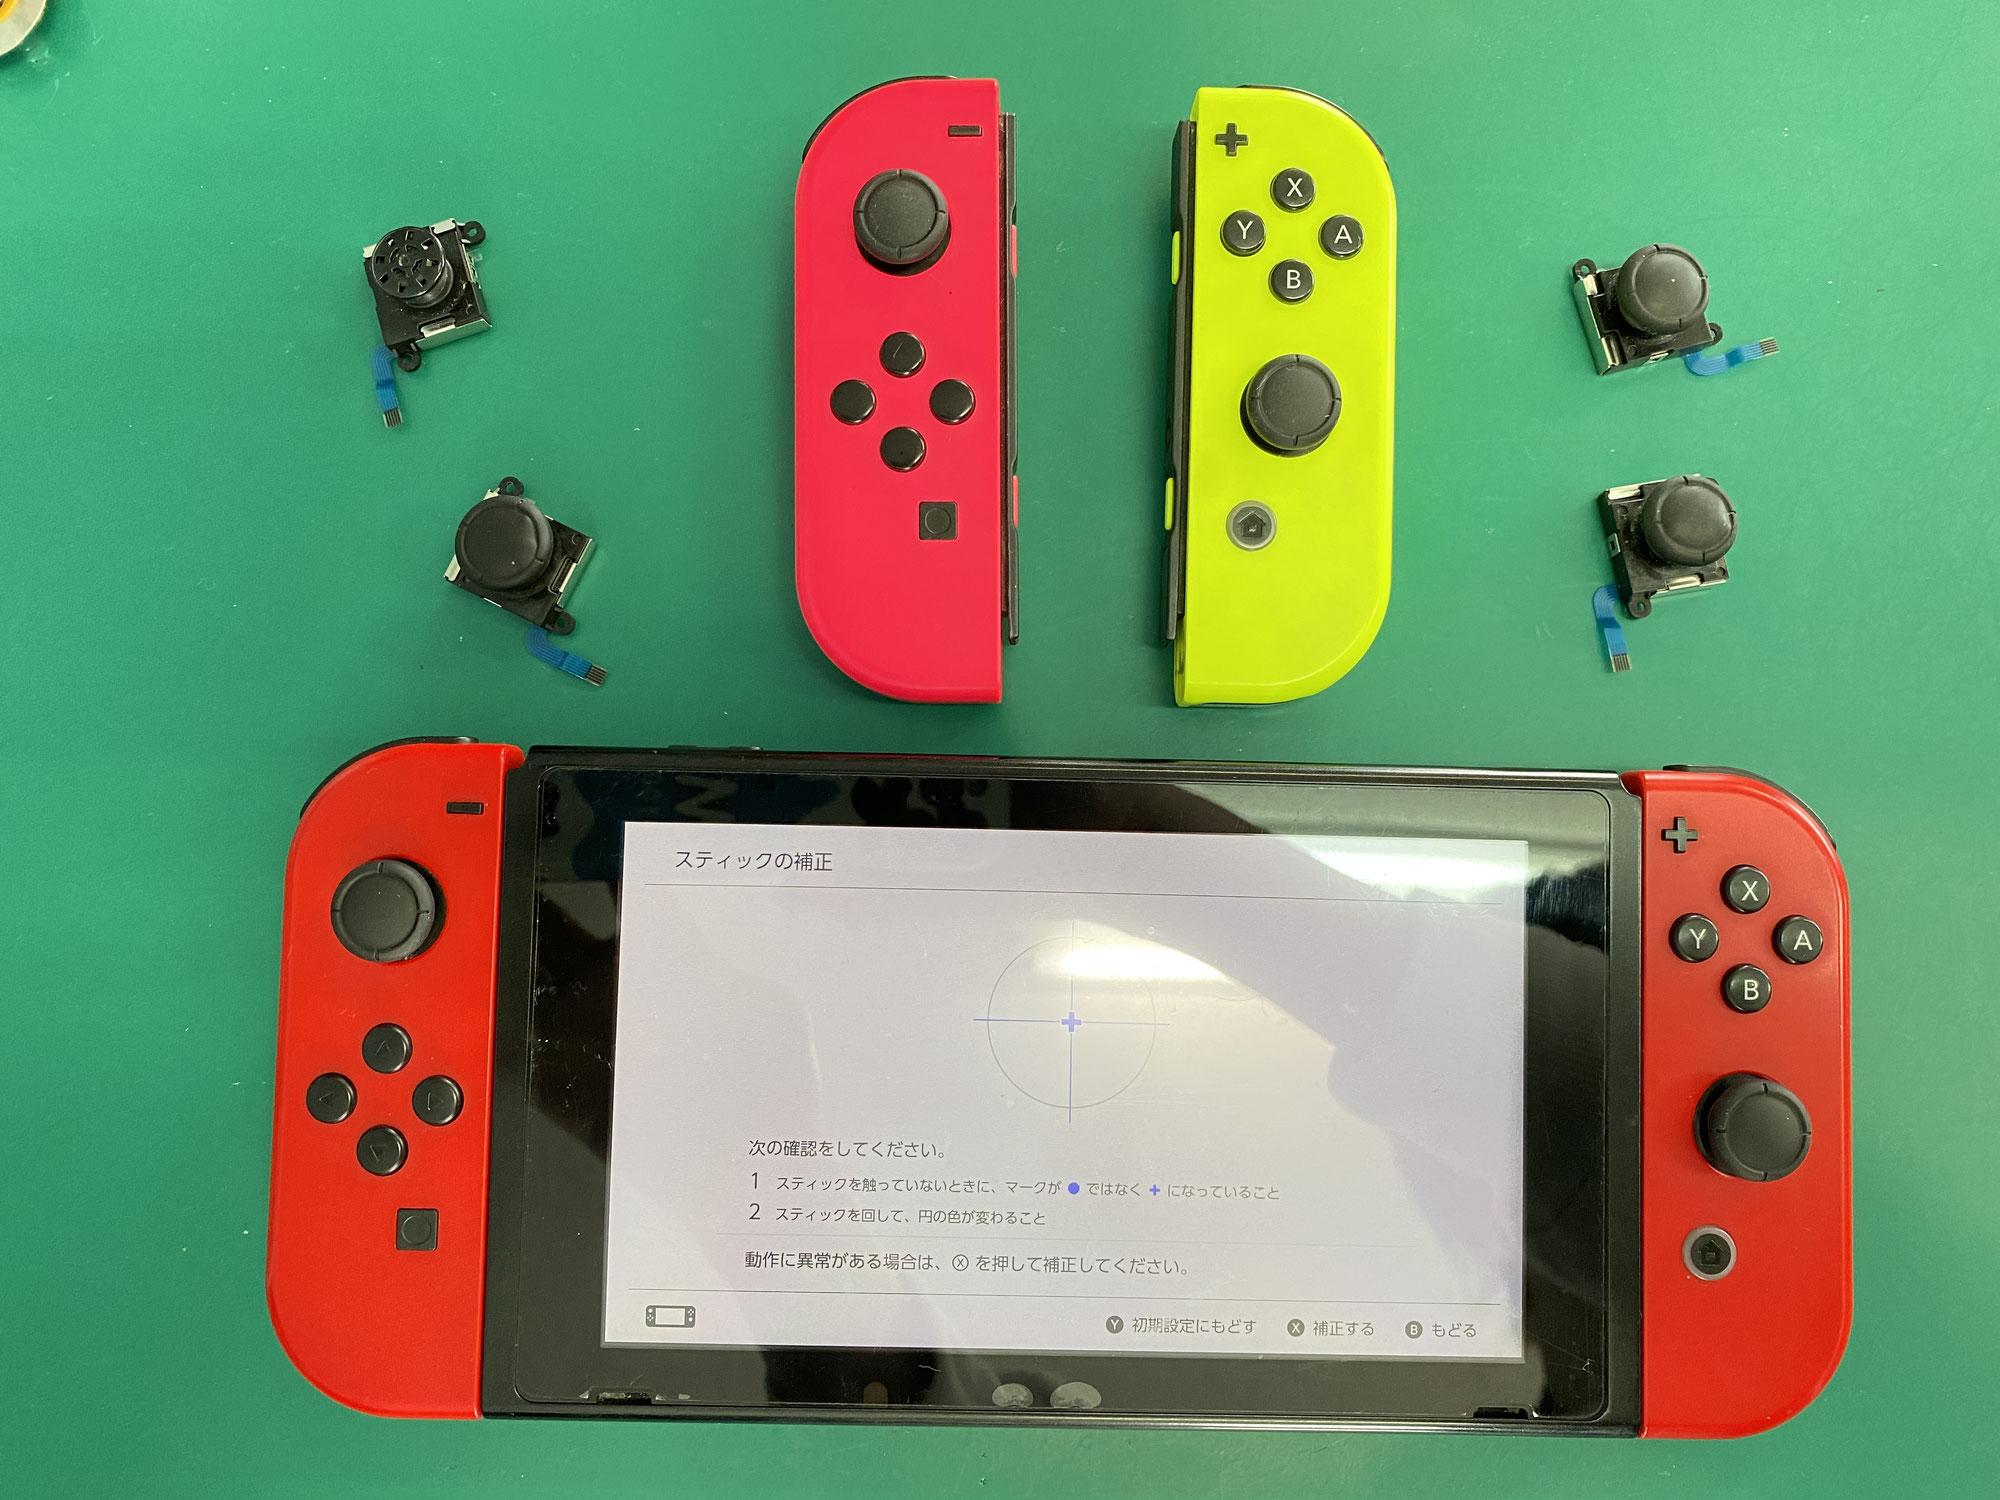 ジョイコン修理!任天堂Switchも修理やってます!